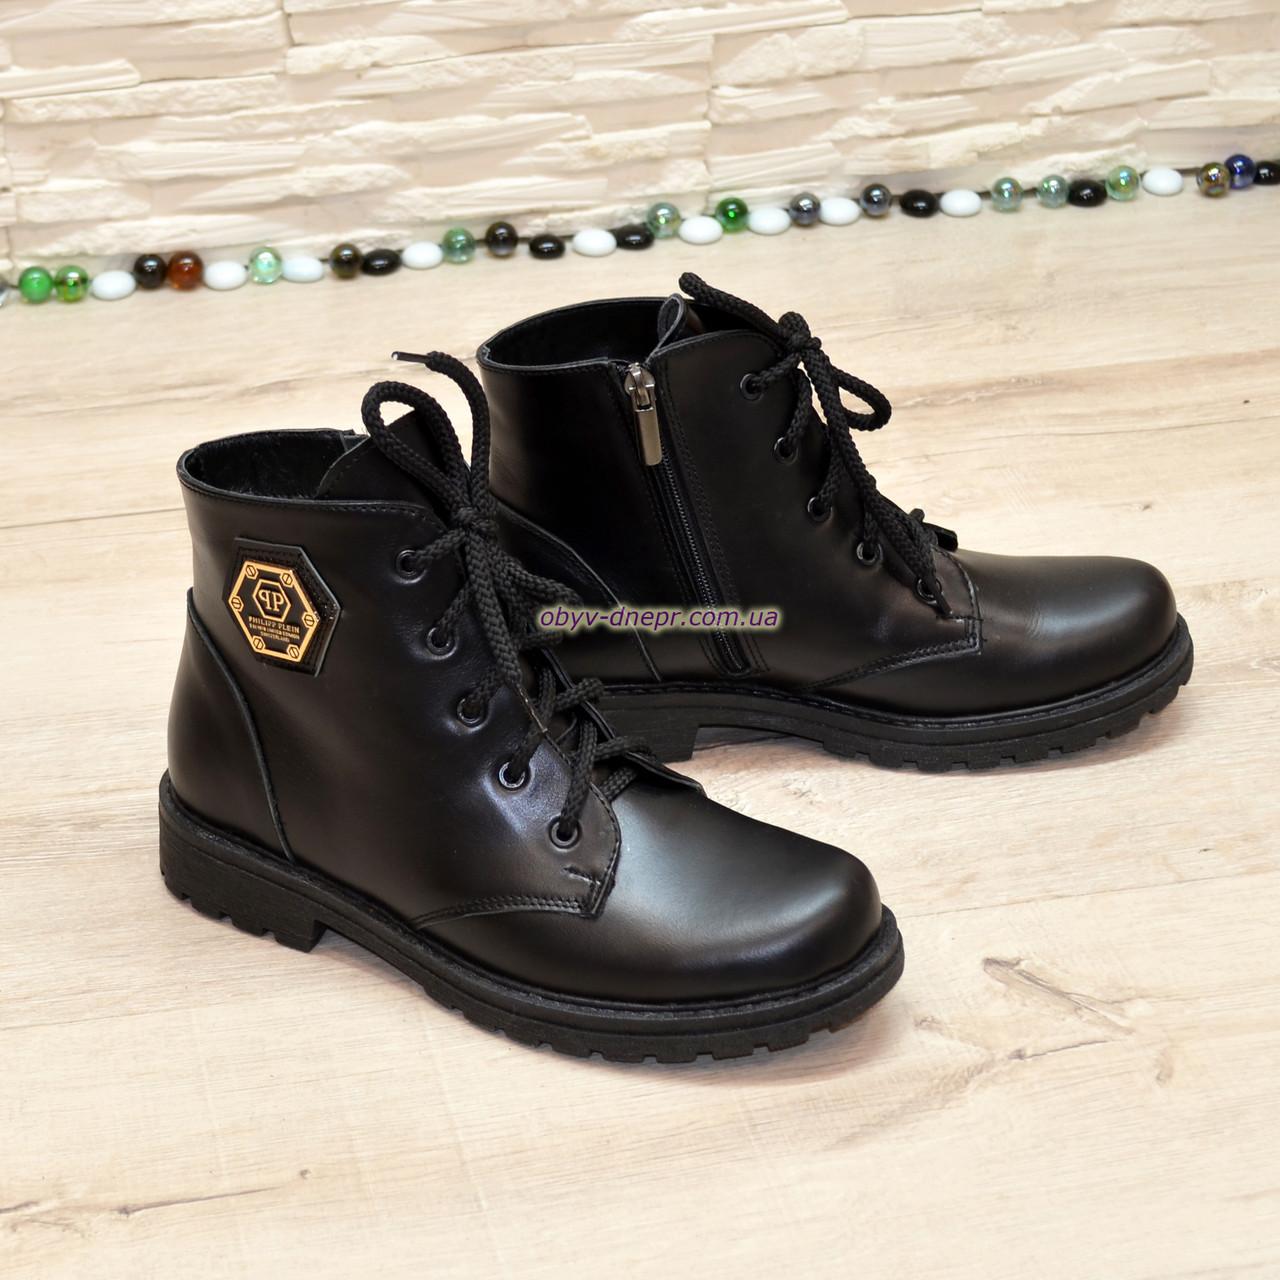 Ботинки женские кожаные демисезонные  на шнурках, цвет черный